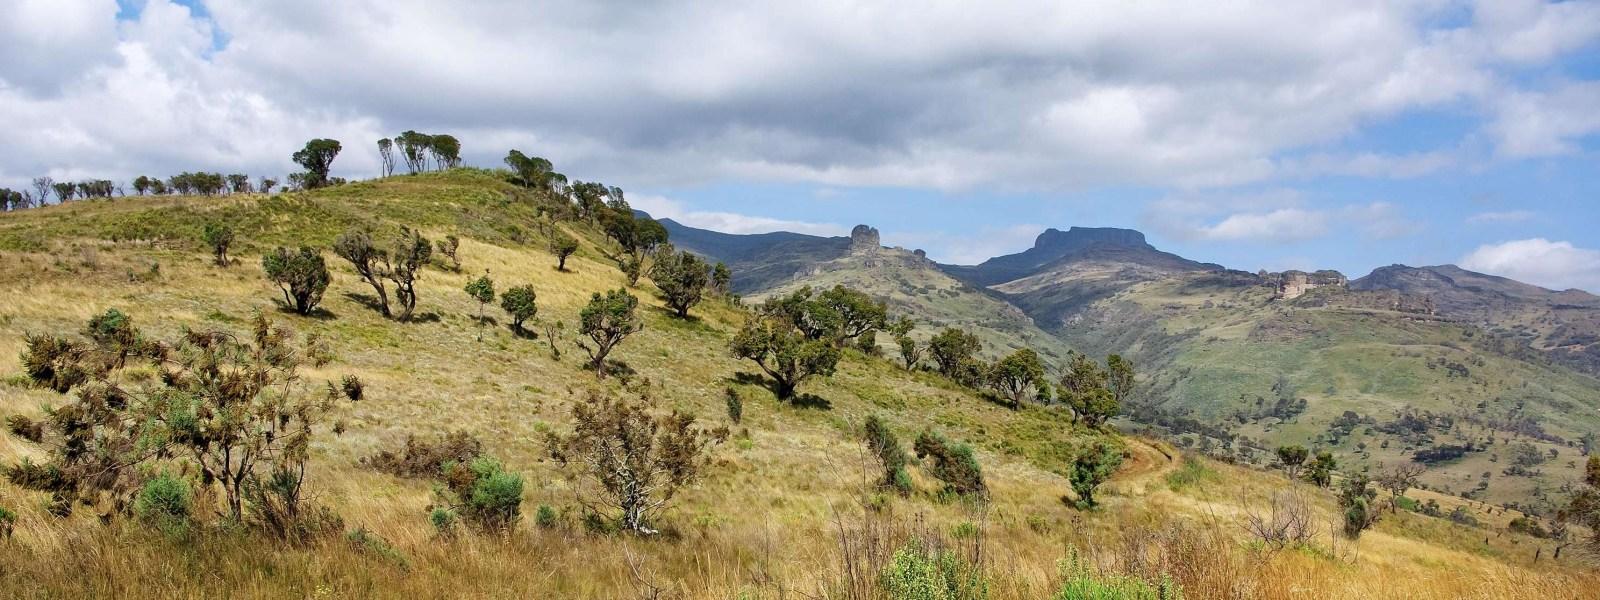 Image result for Mount Elgon National Park